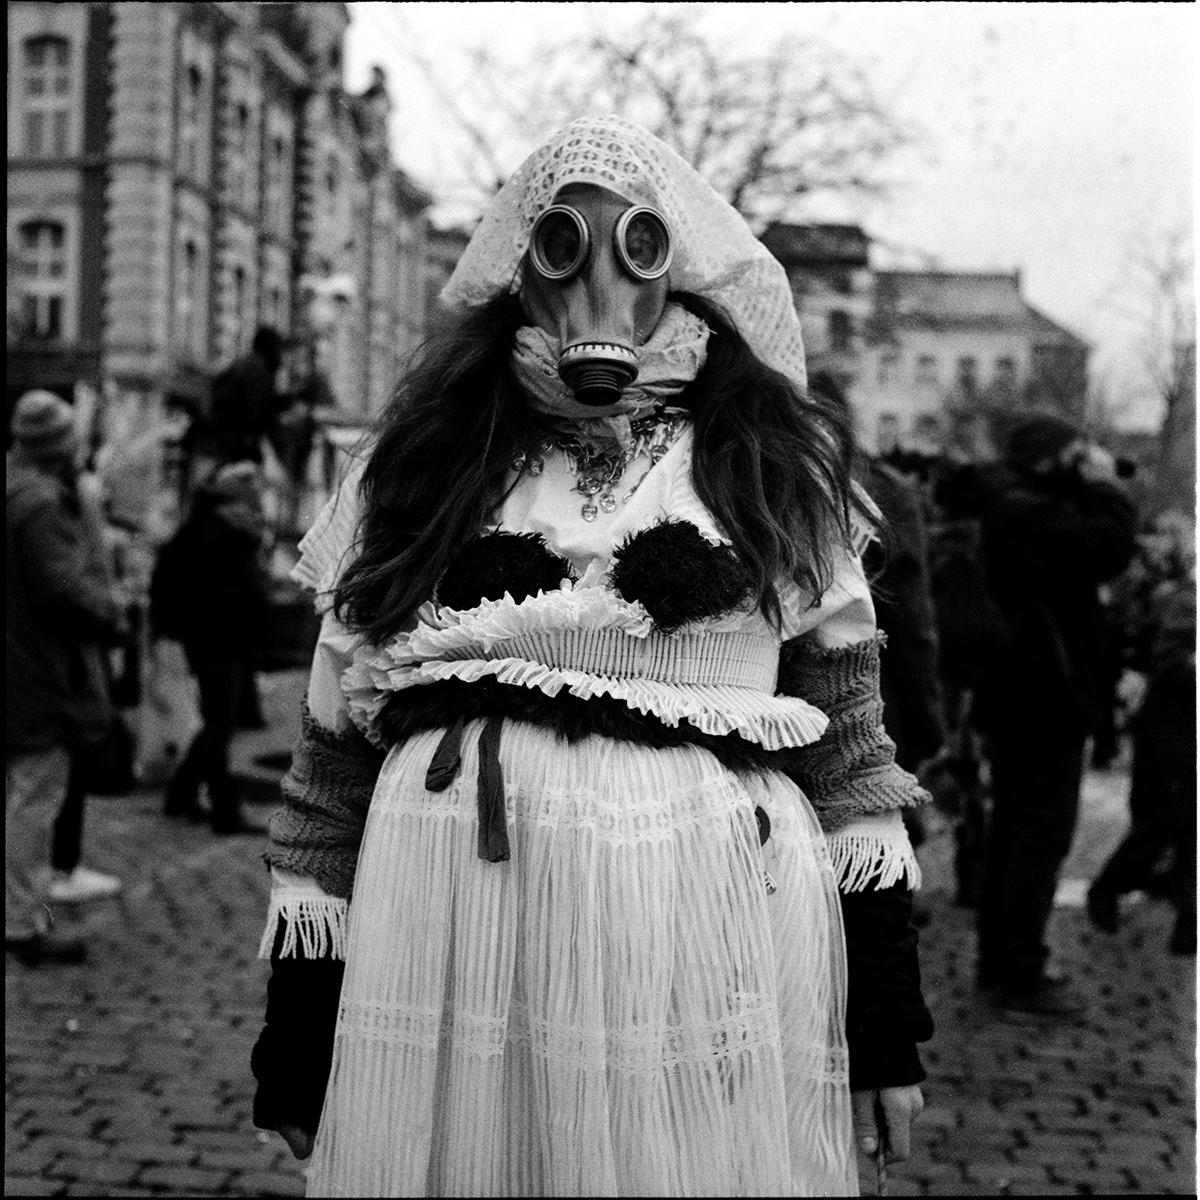 Carnaval sauvage de Bruxelles 2018 (6x6) by Laurent Orseau #17